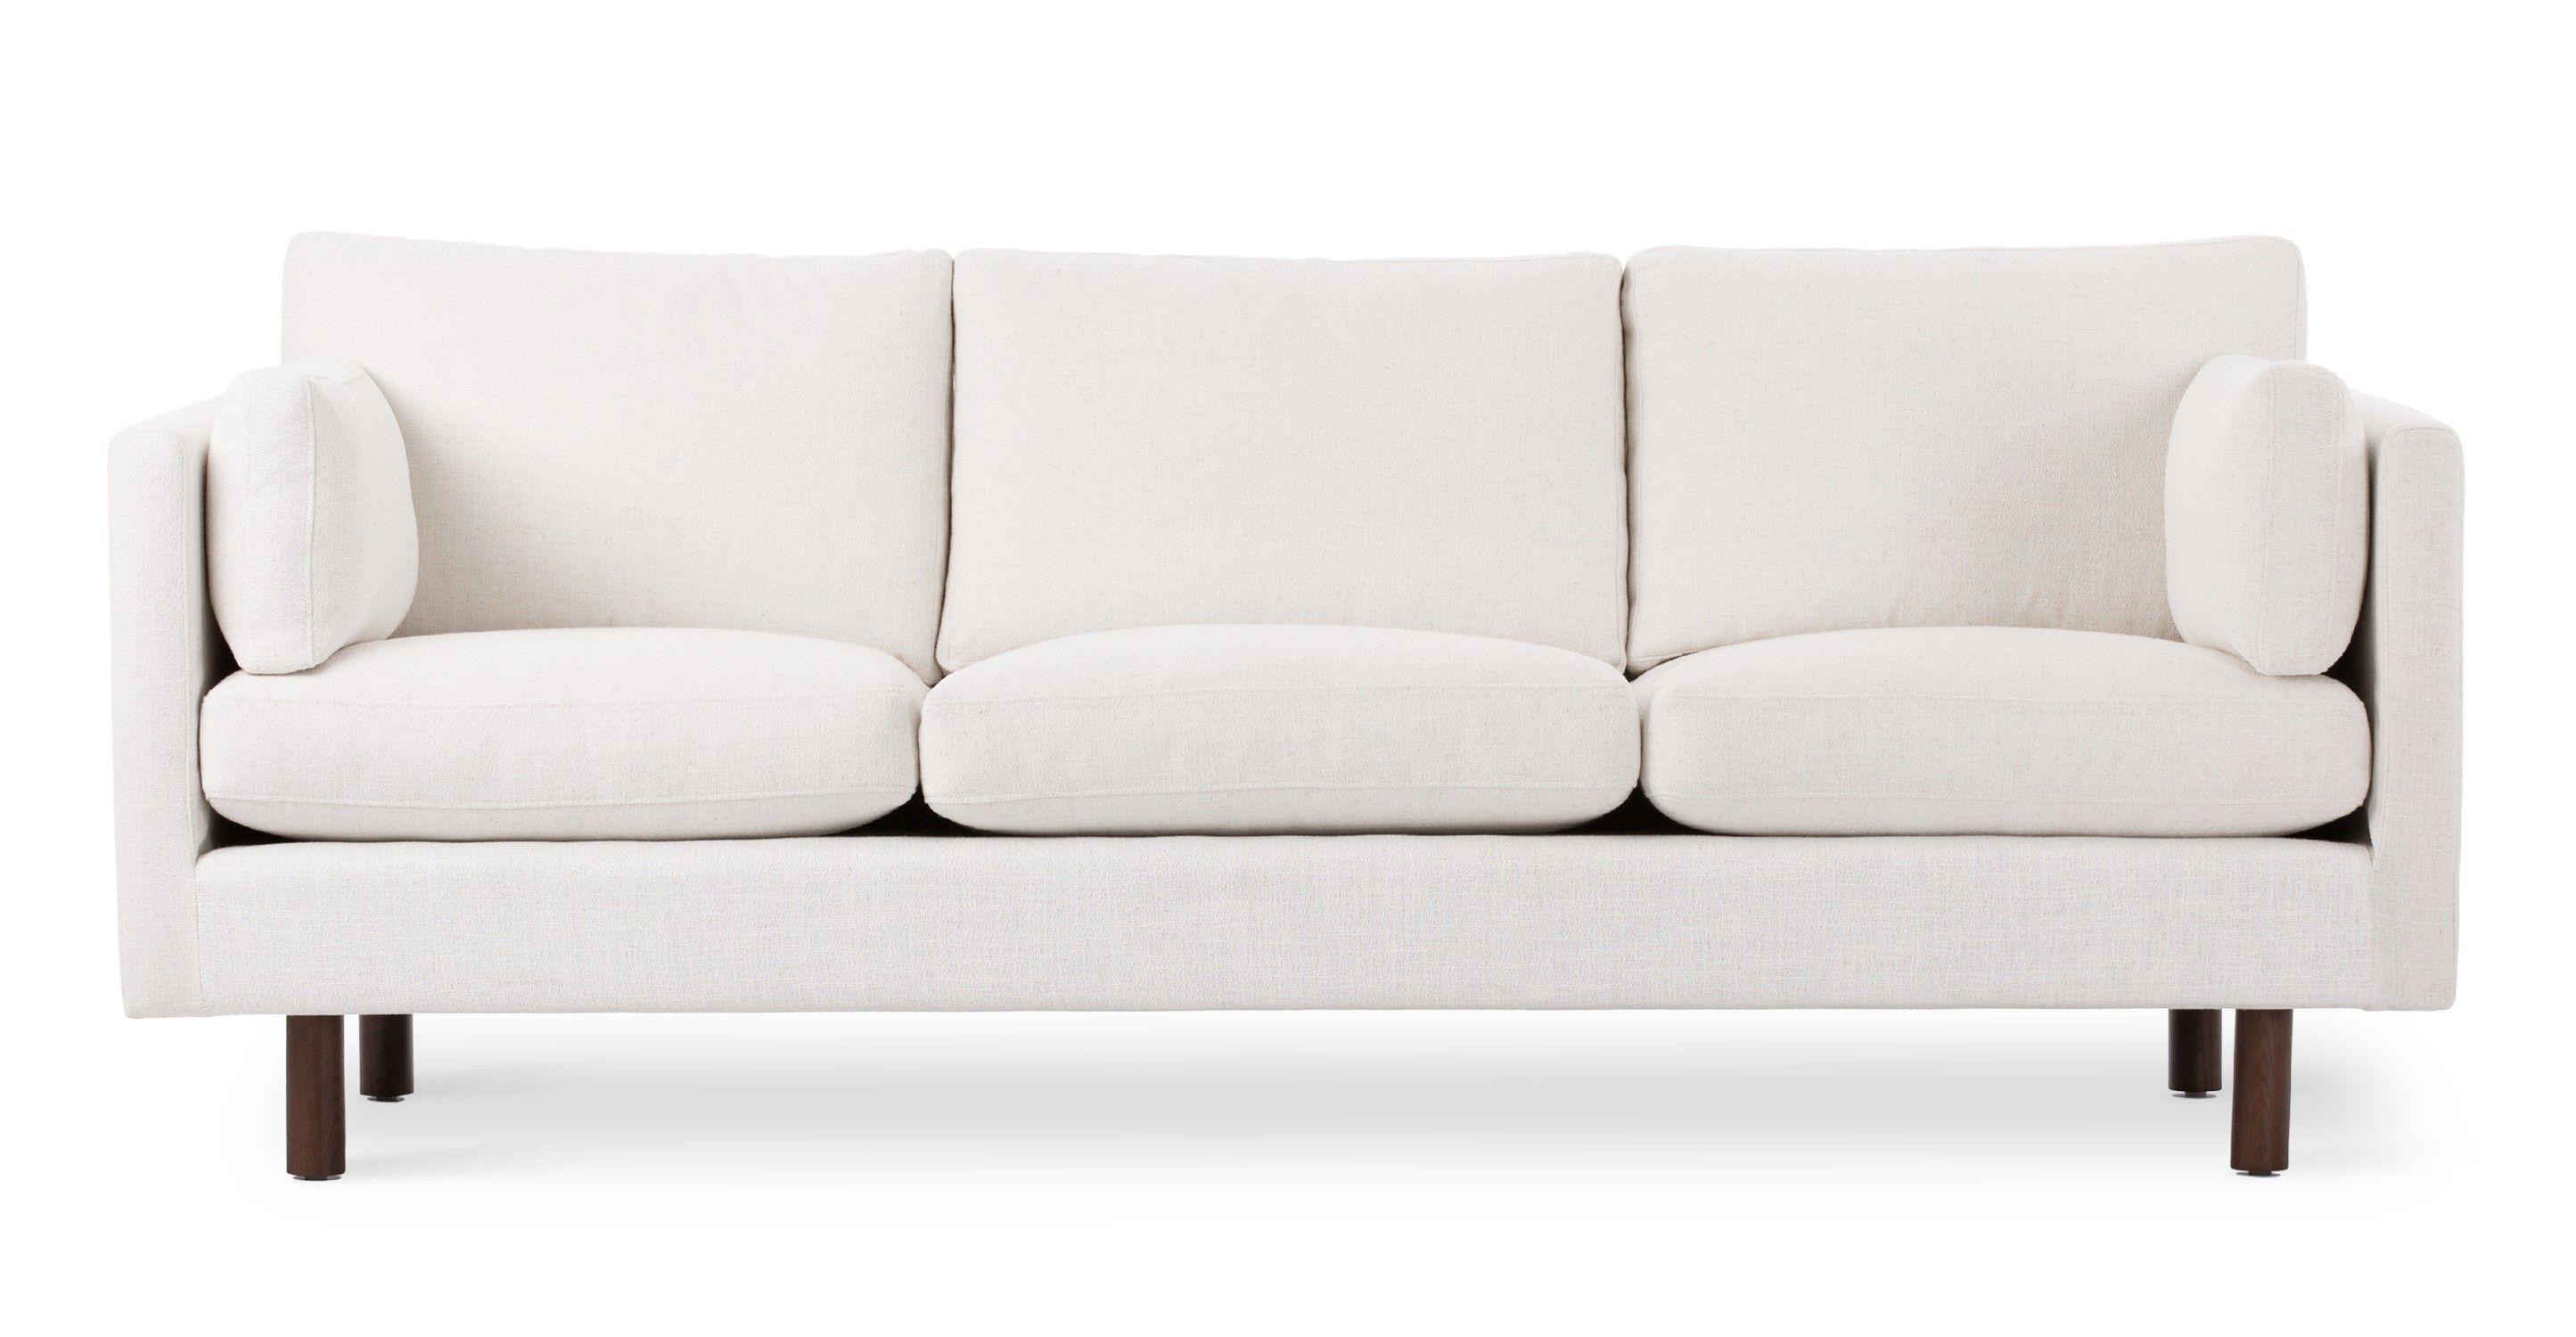 Nova Creamy White Sofa